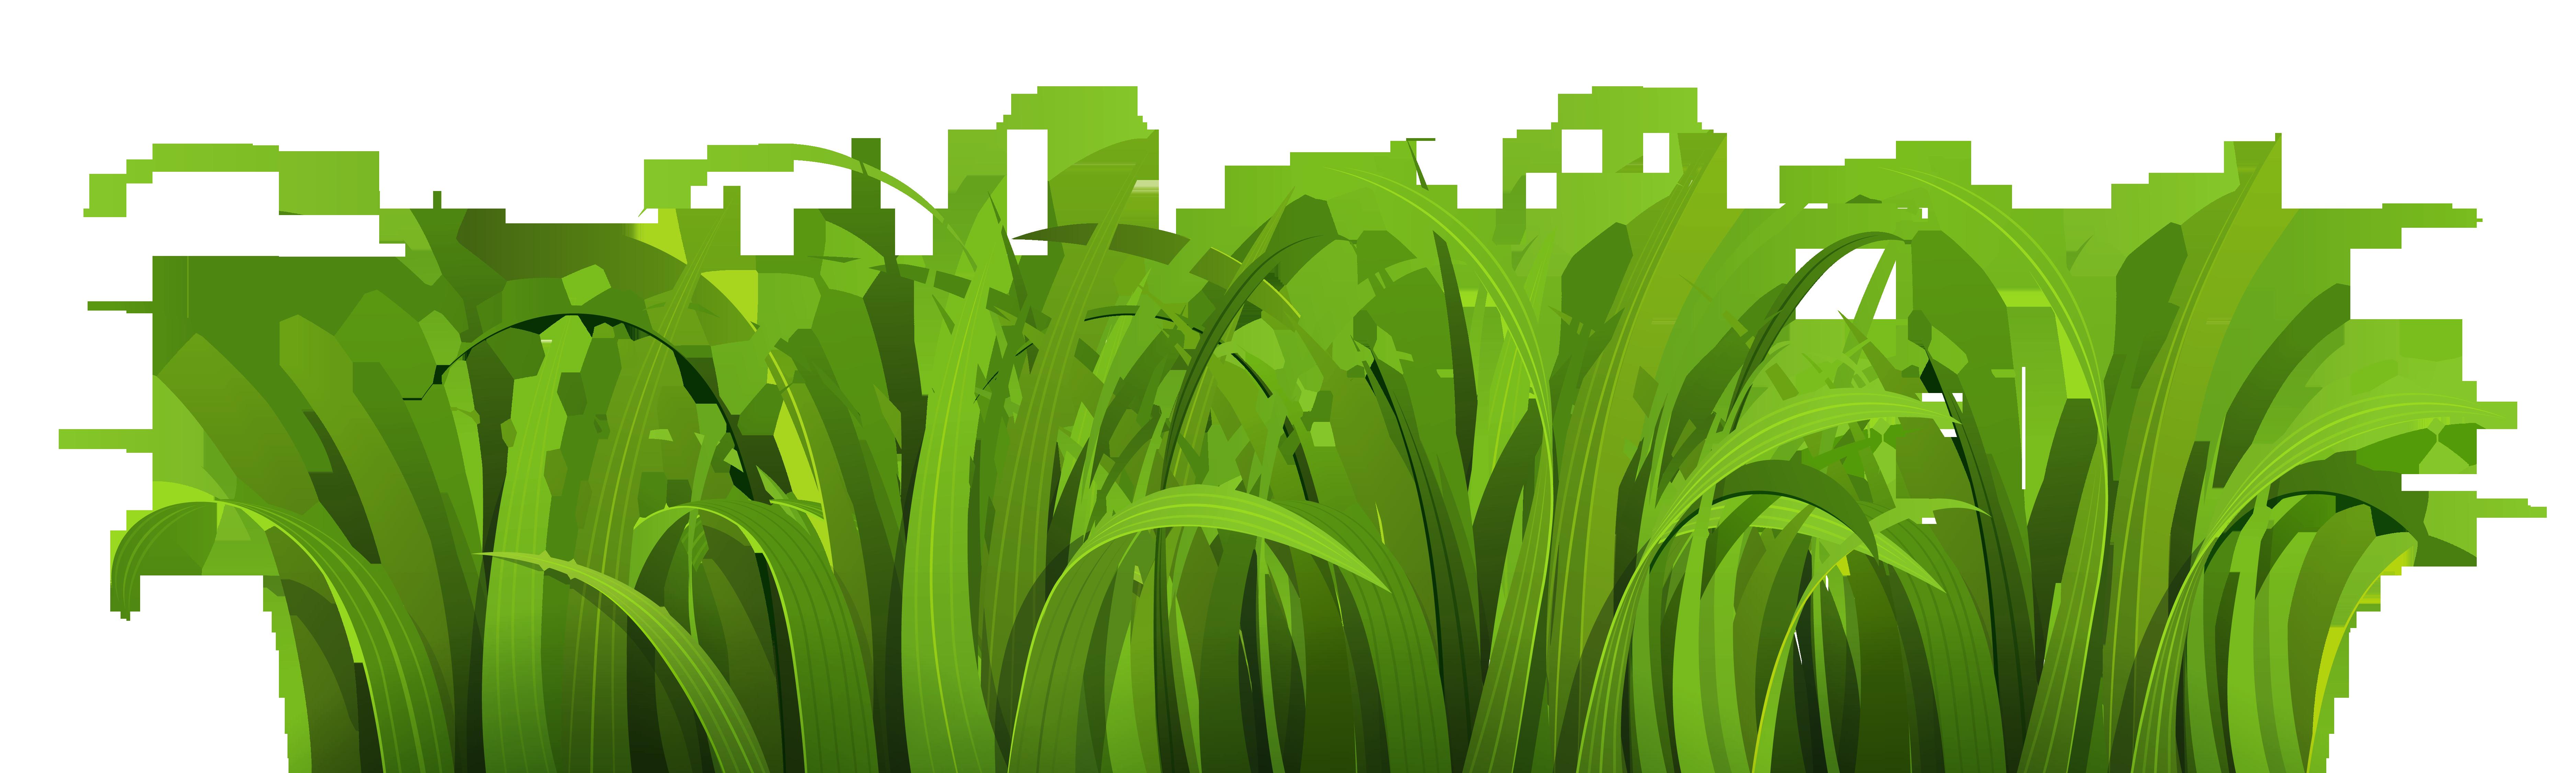 nature clipart png image grass clipart grass wallpaper grass silhouette pinterest